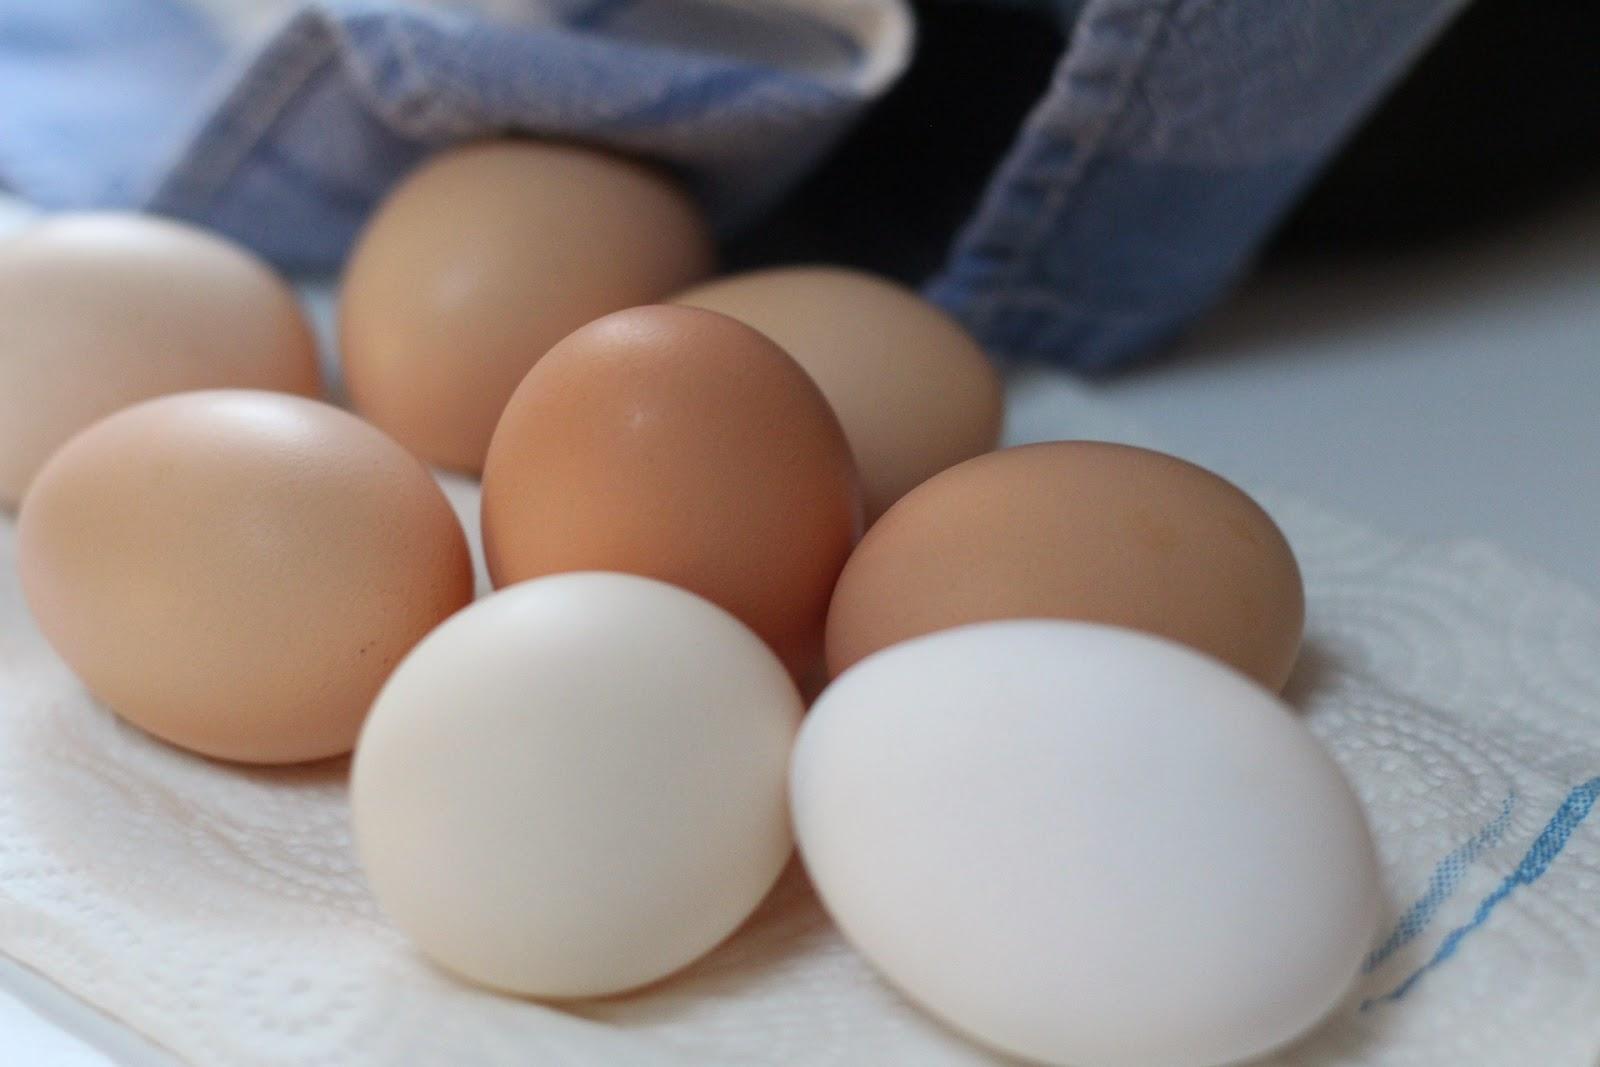 Πώς ξεφλουδίζουμε τα βραστά αυγά πολύ εύκολα χωρίς να καούμε;